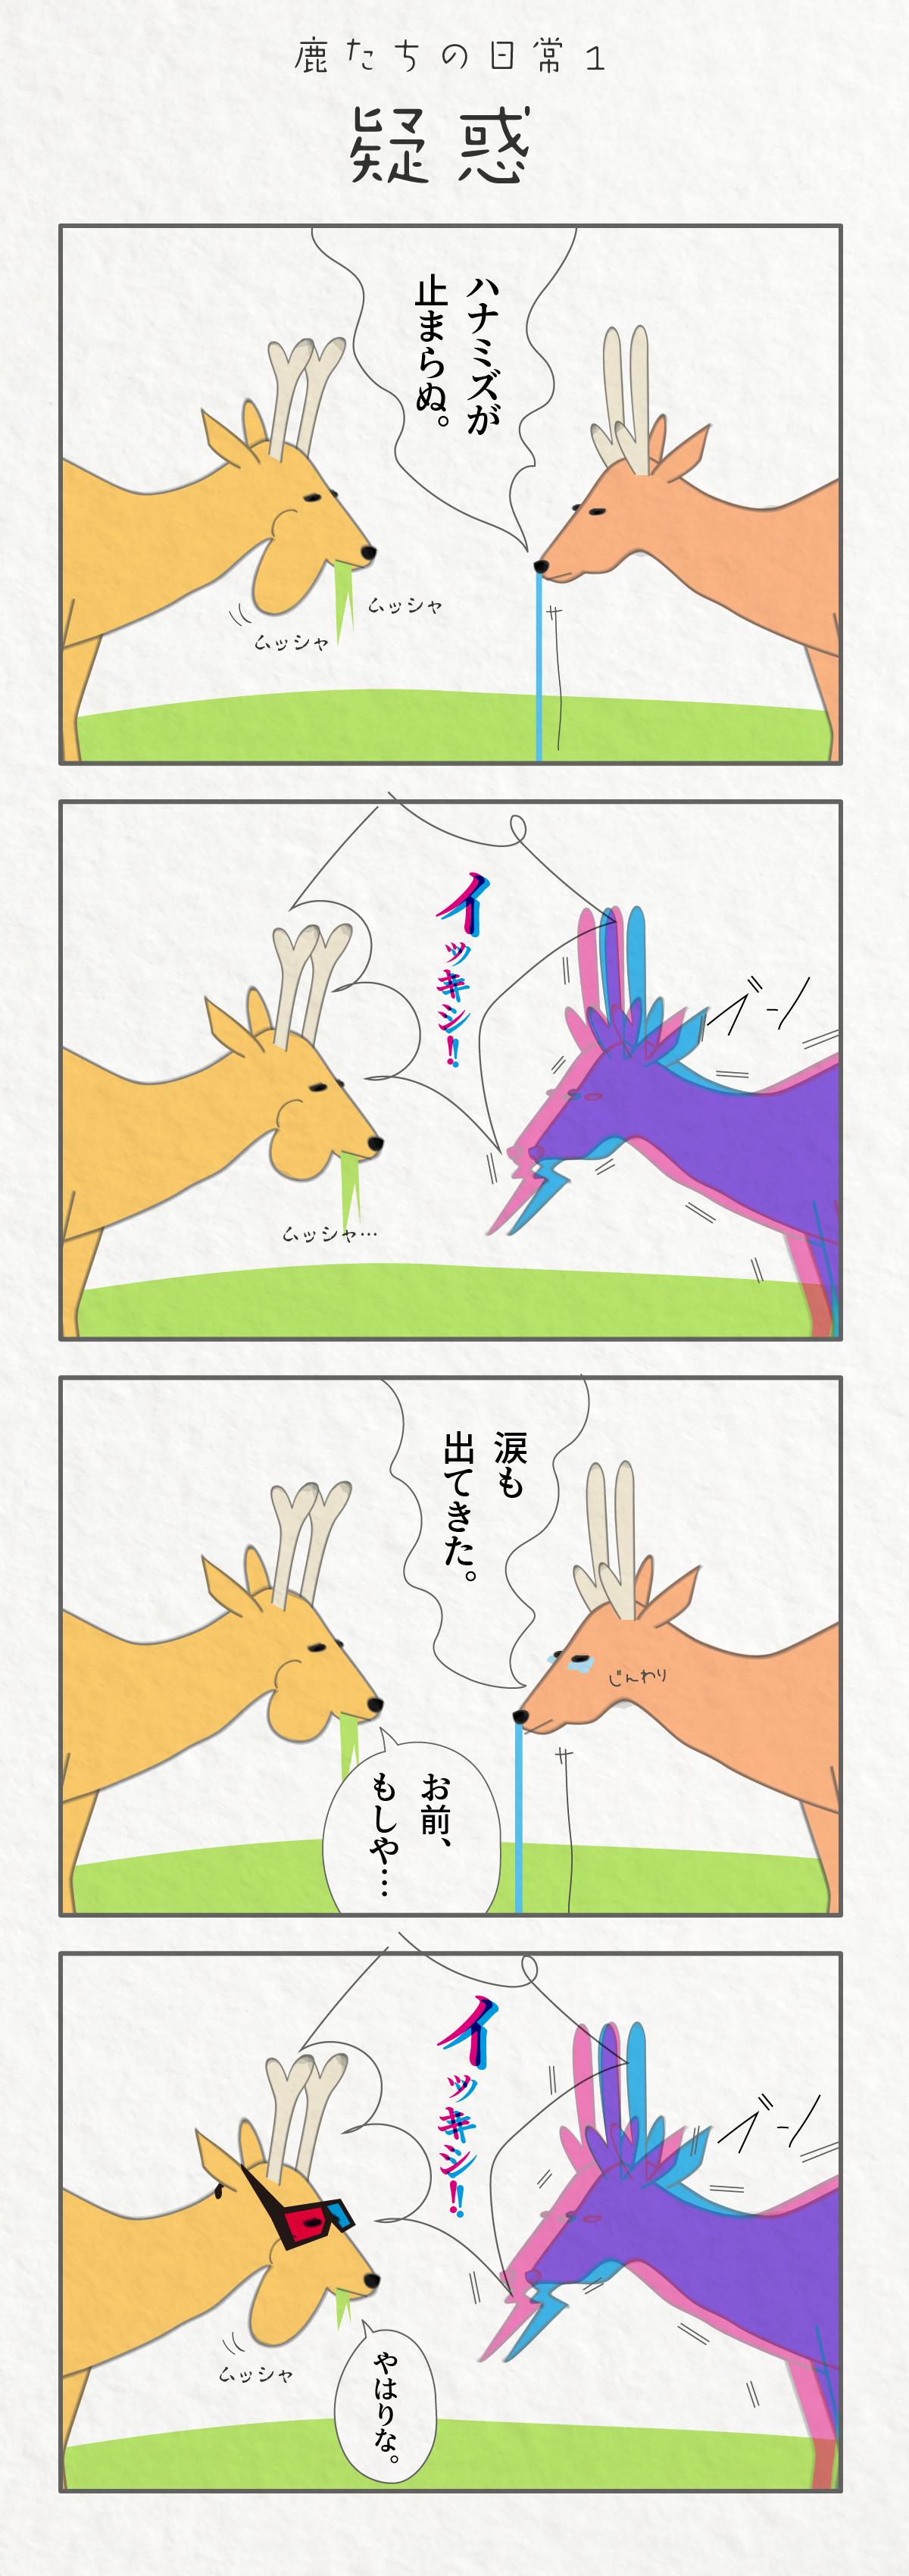 4コマ漫画「鹿たちの日常 #1」